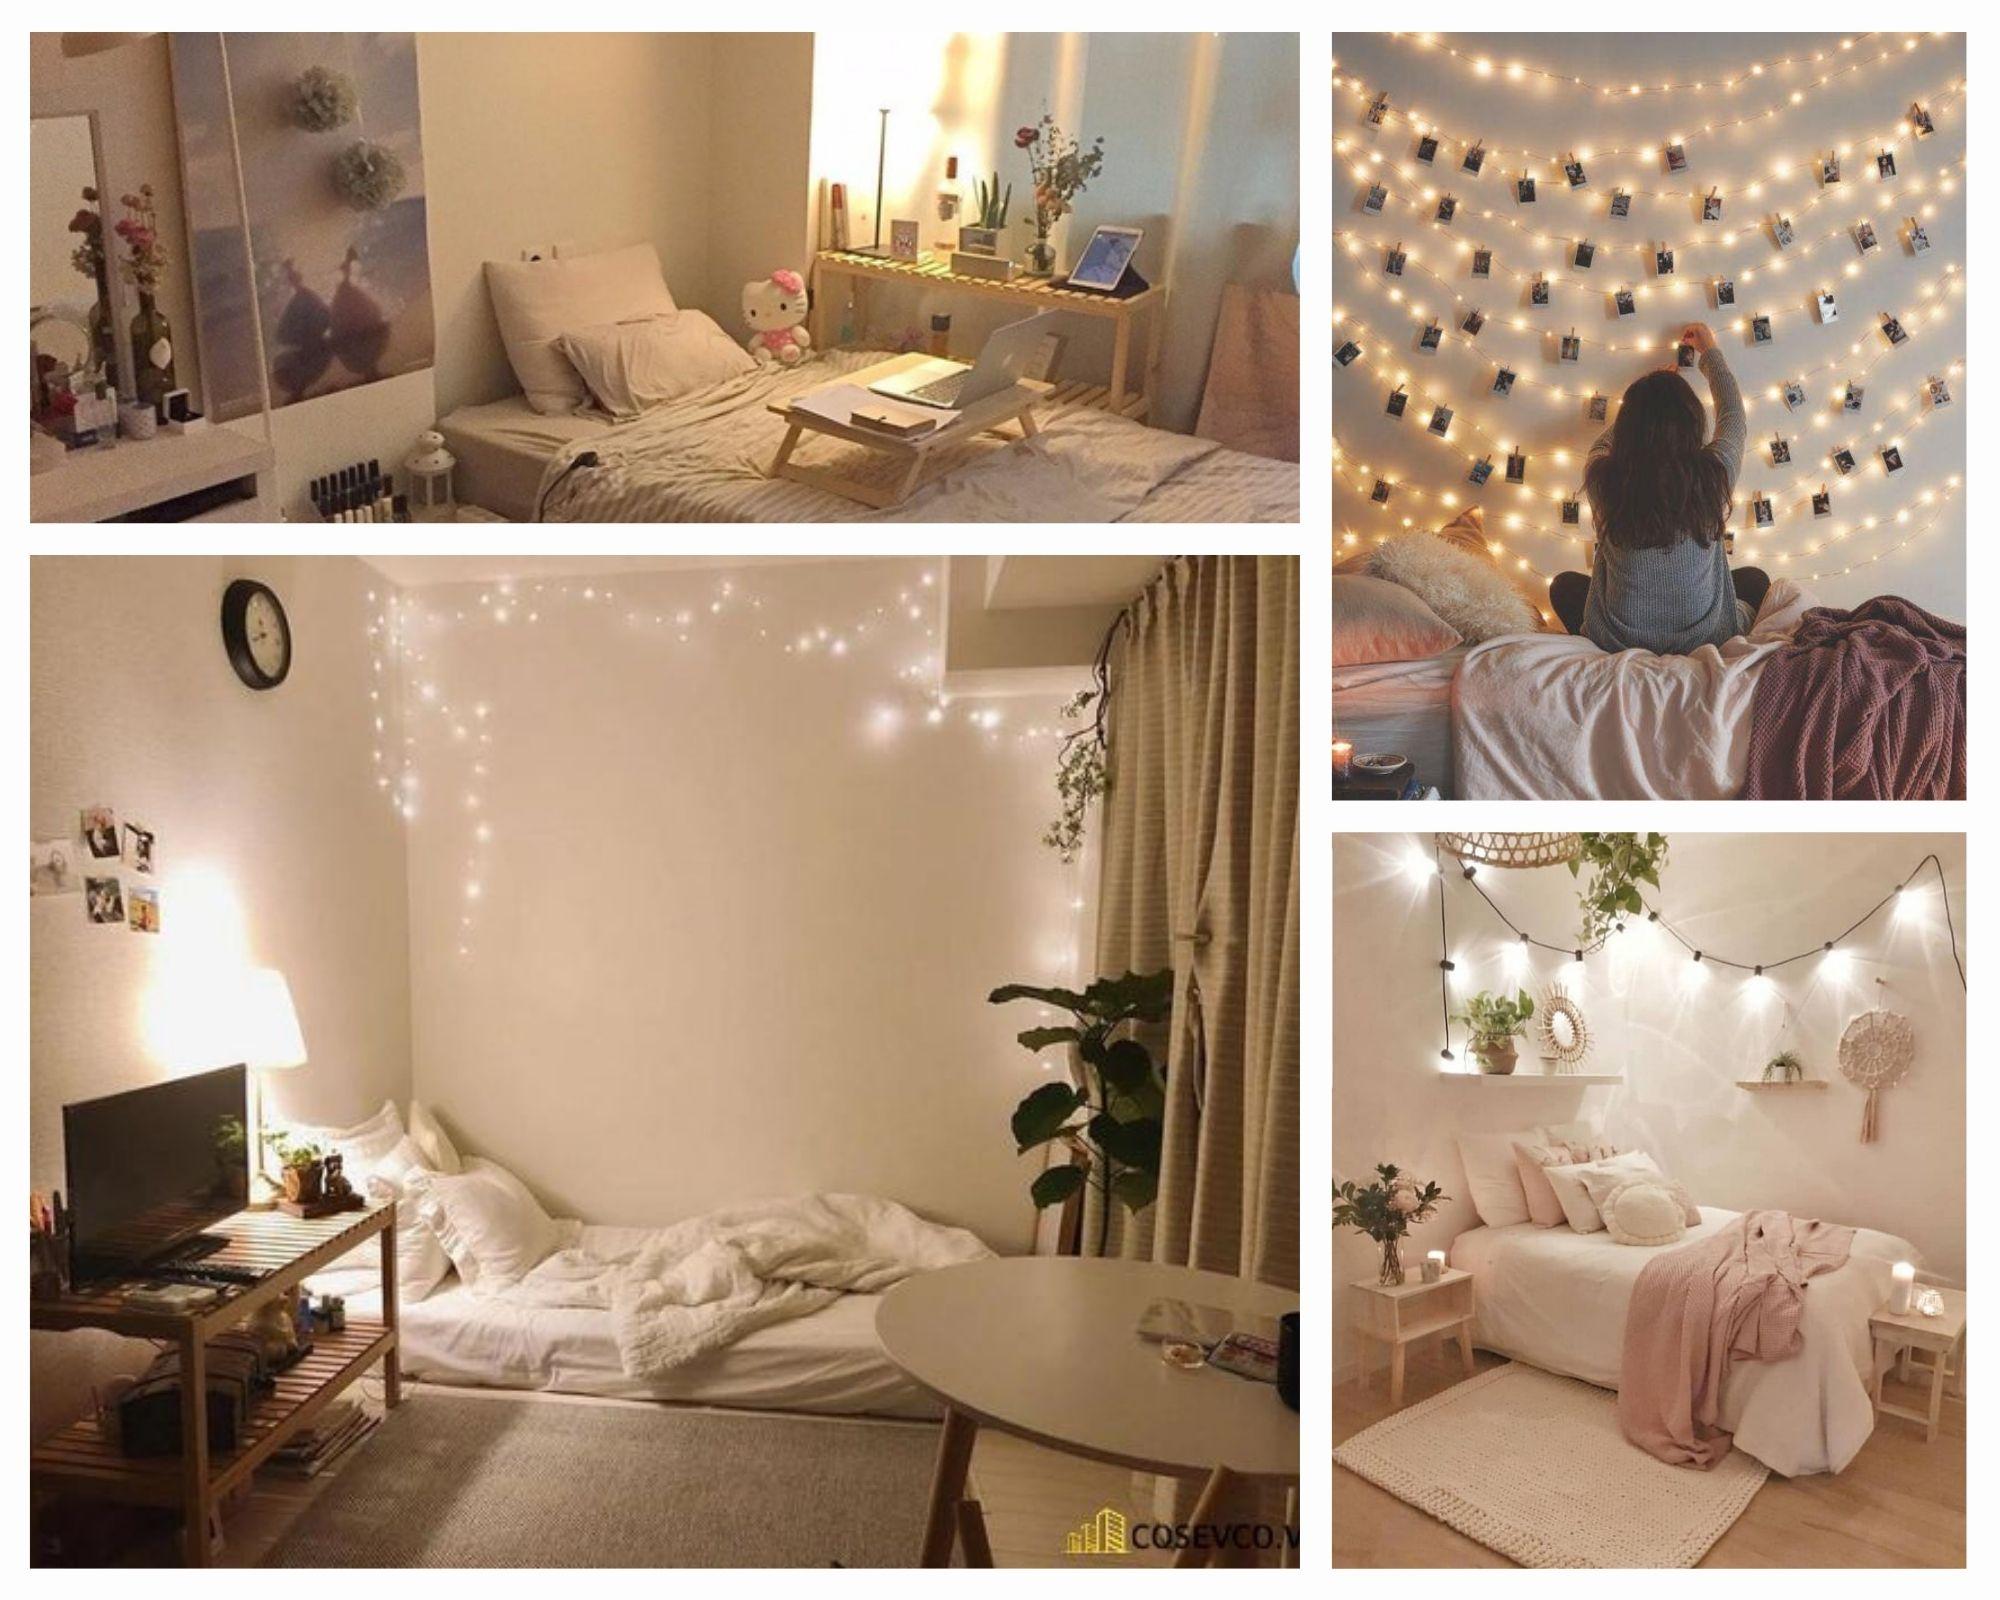 đèn led cho phòng ngủ